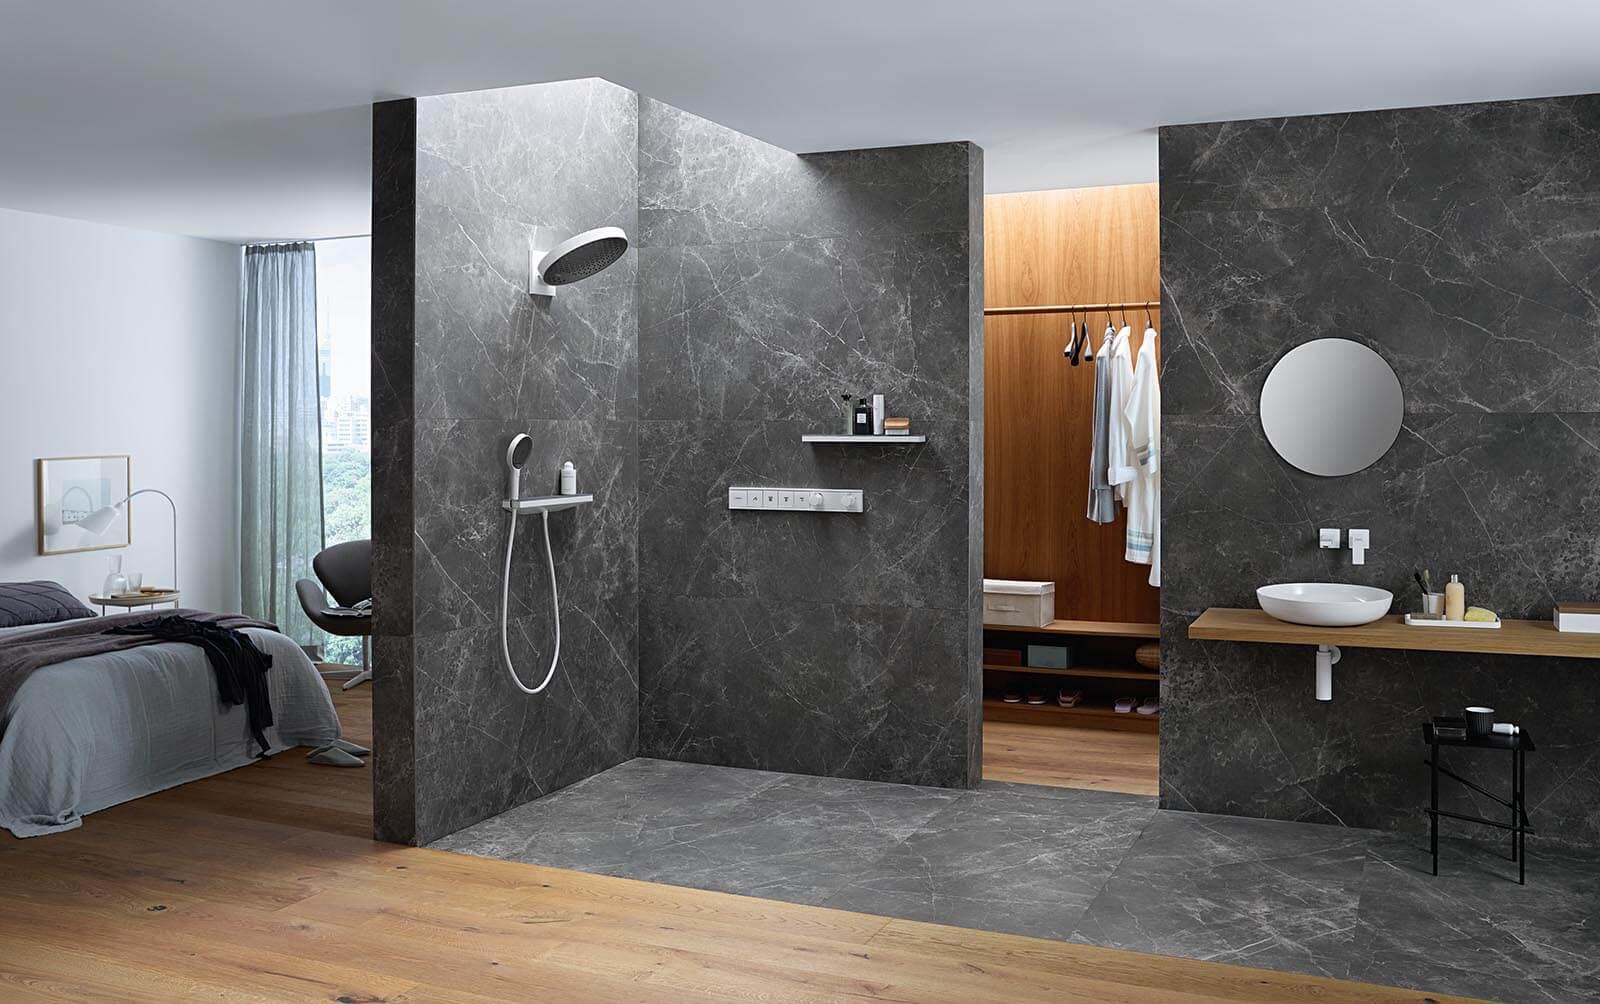 Zestaw armatury łazienkowej od Hansghrohe z kolekcji Rainfinity